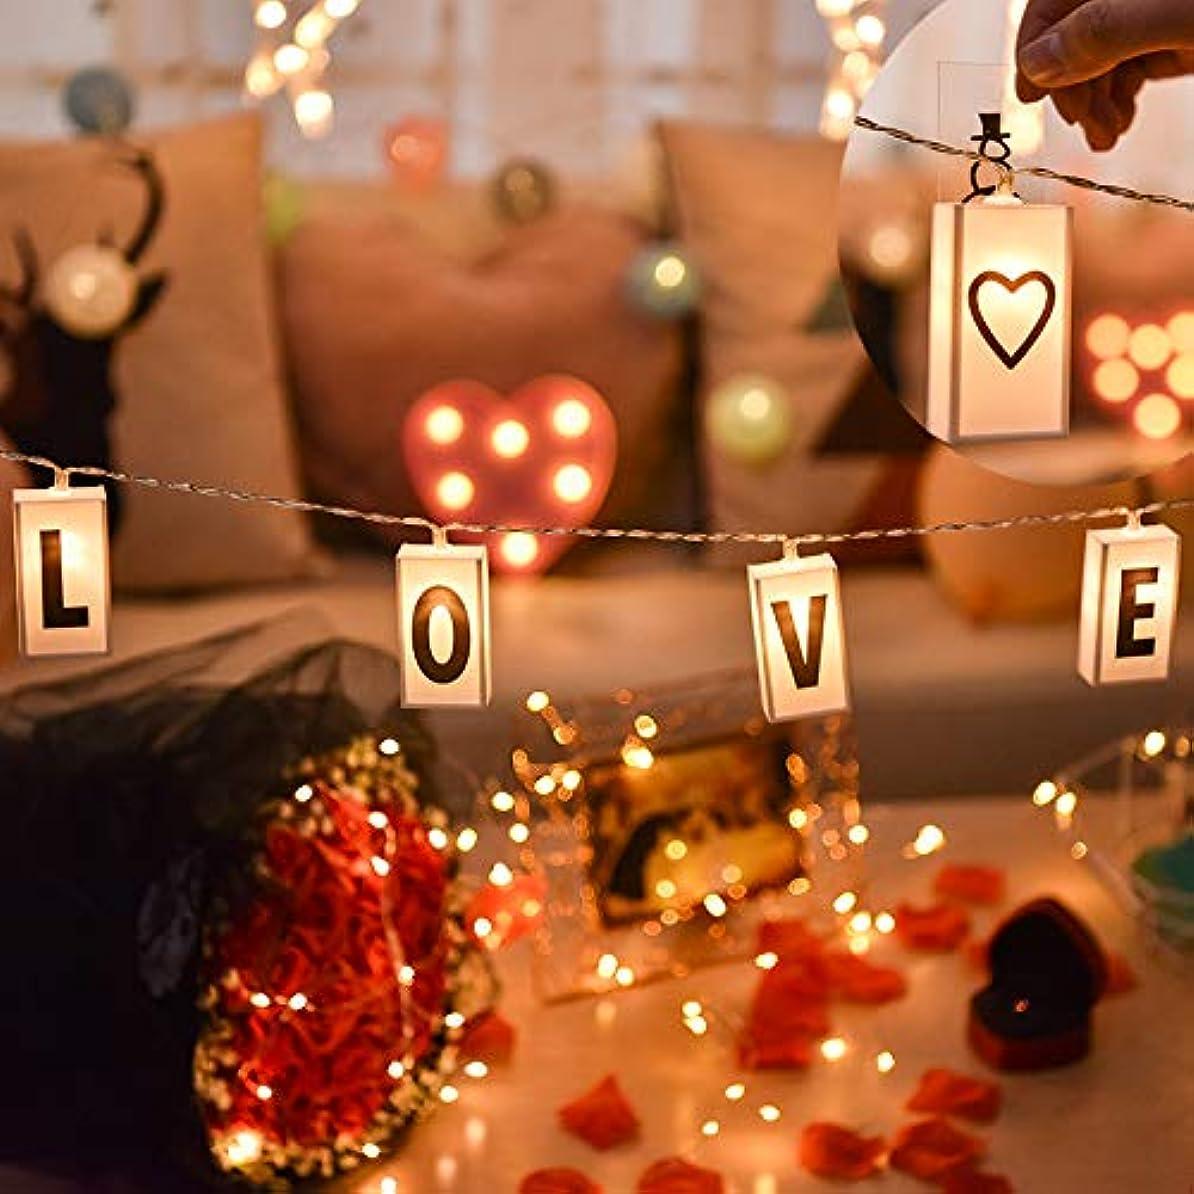 文化落花生フットボールV-Dank LED ストリング ライト イルミネーション DIY アルファベット 20電球 3M ボックス 装飾 電飾 吊り下げる 飾りライト 雰囲気 ガーランド クリスマス/新年/結婚式/誕生日/祝日/バレンタインデー/パーティー/ホームイベント/インテリア 電池式 ウォームホワイト